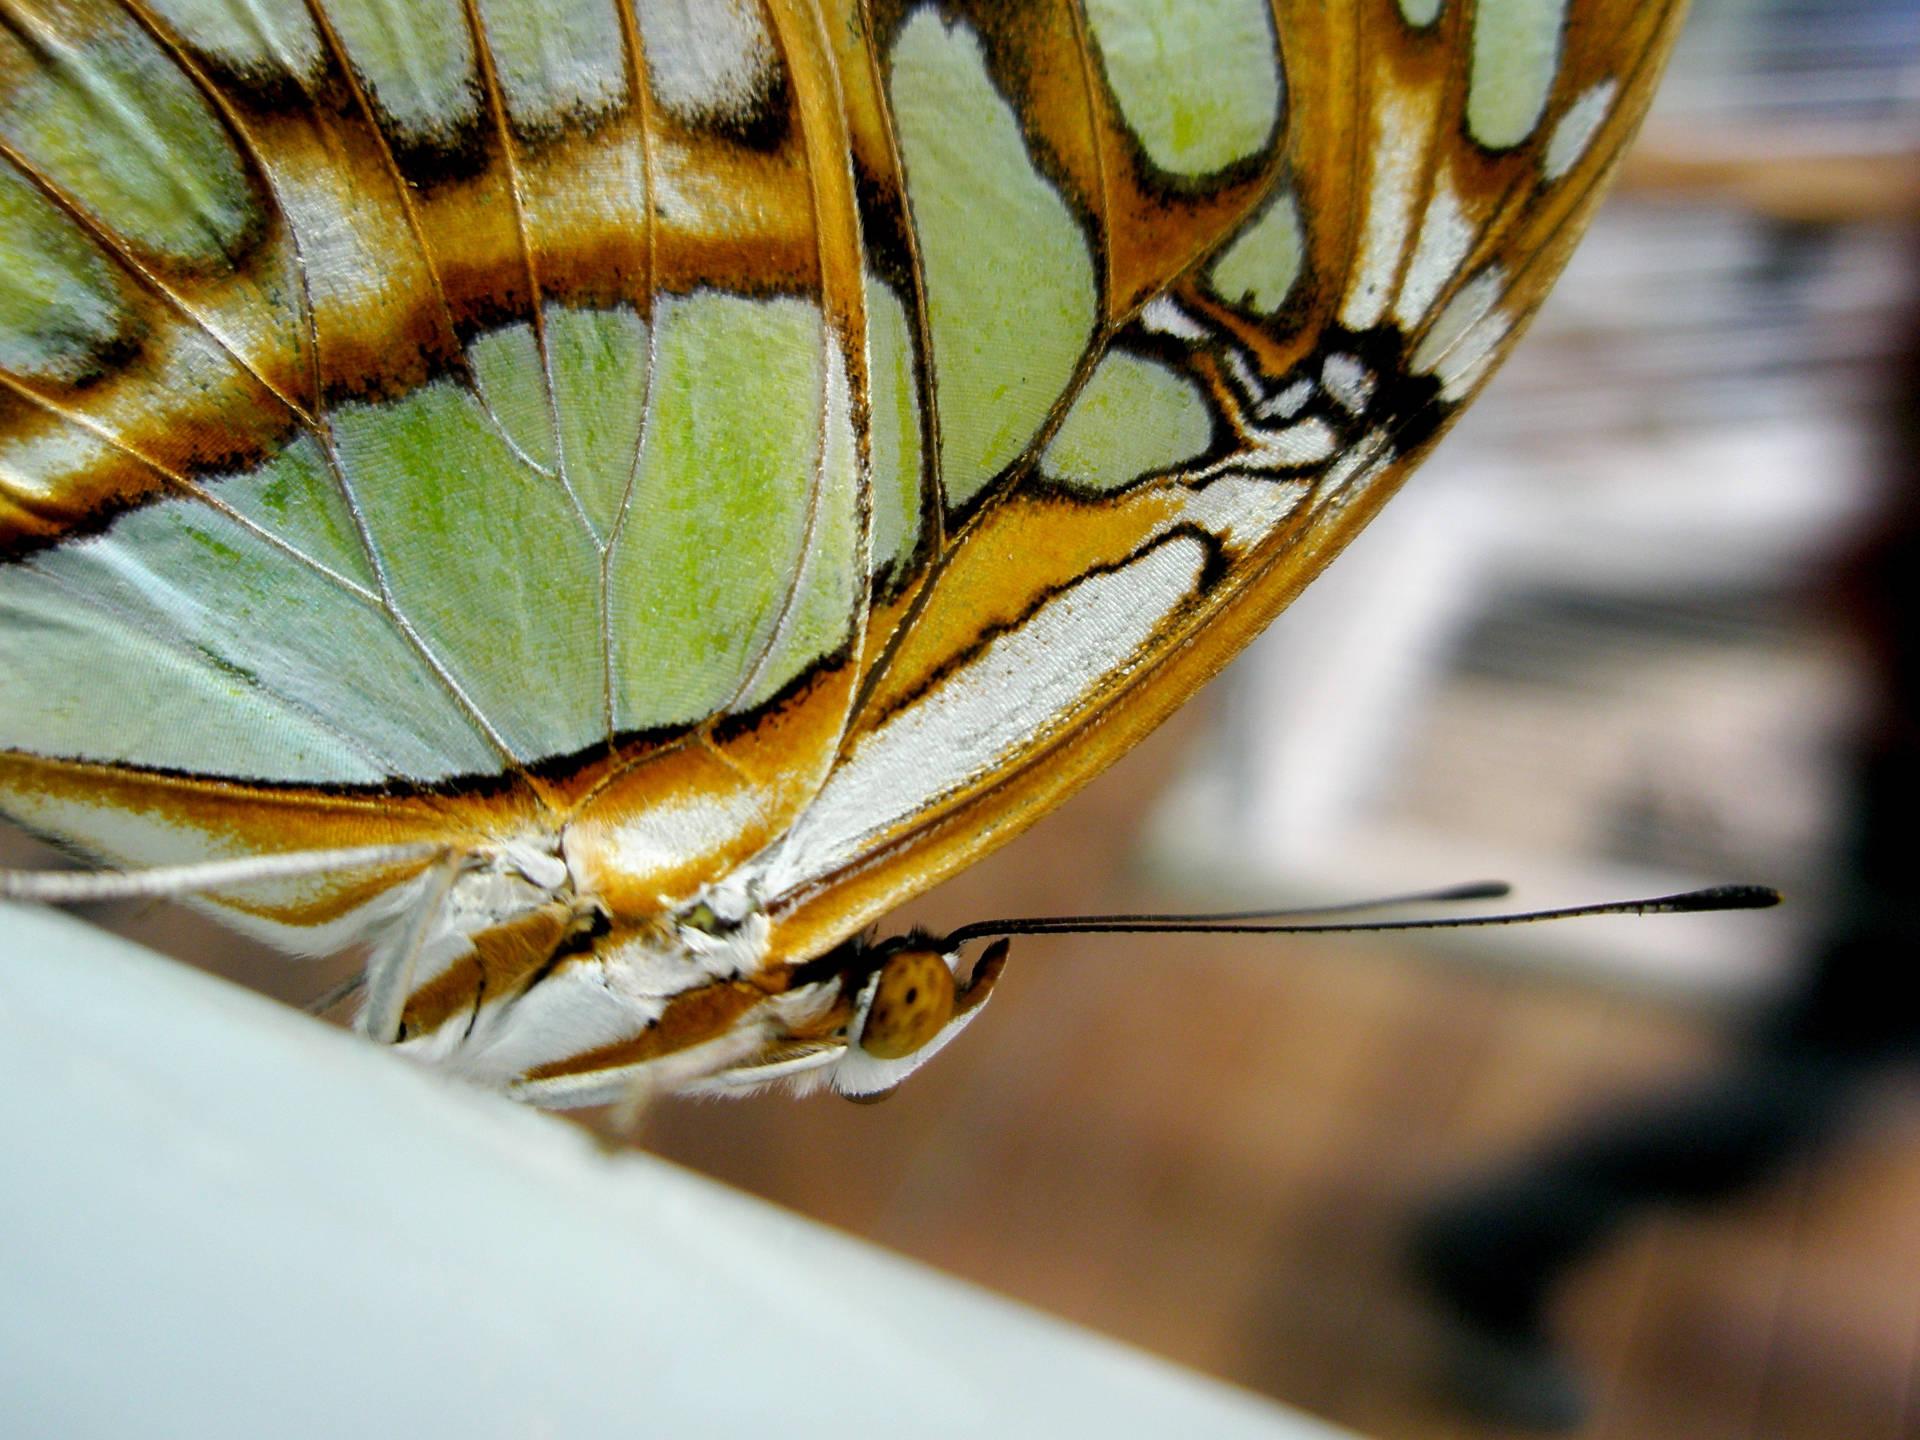 randi_hausmann_hochempathie_butterfly